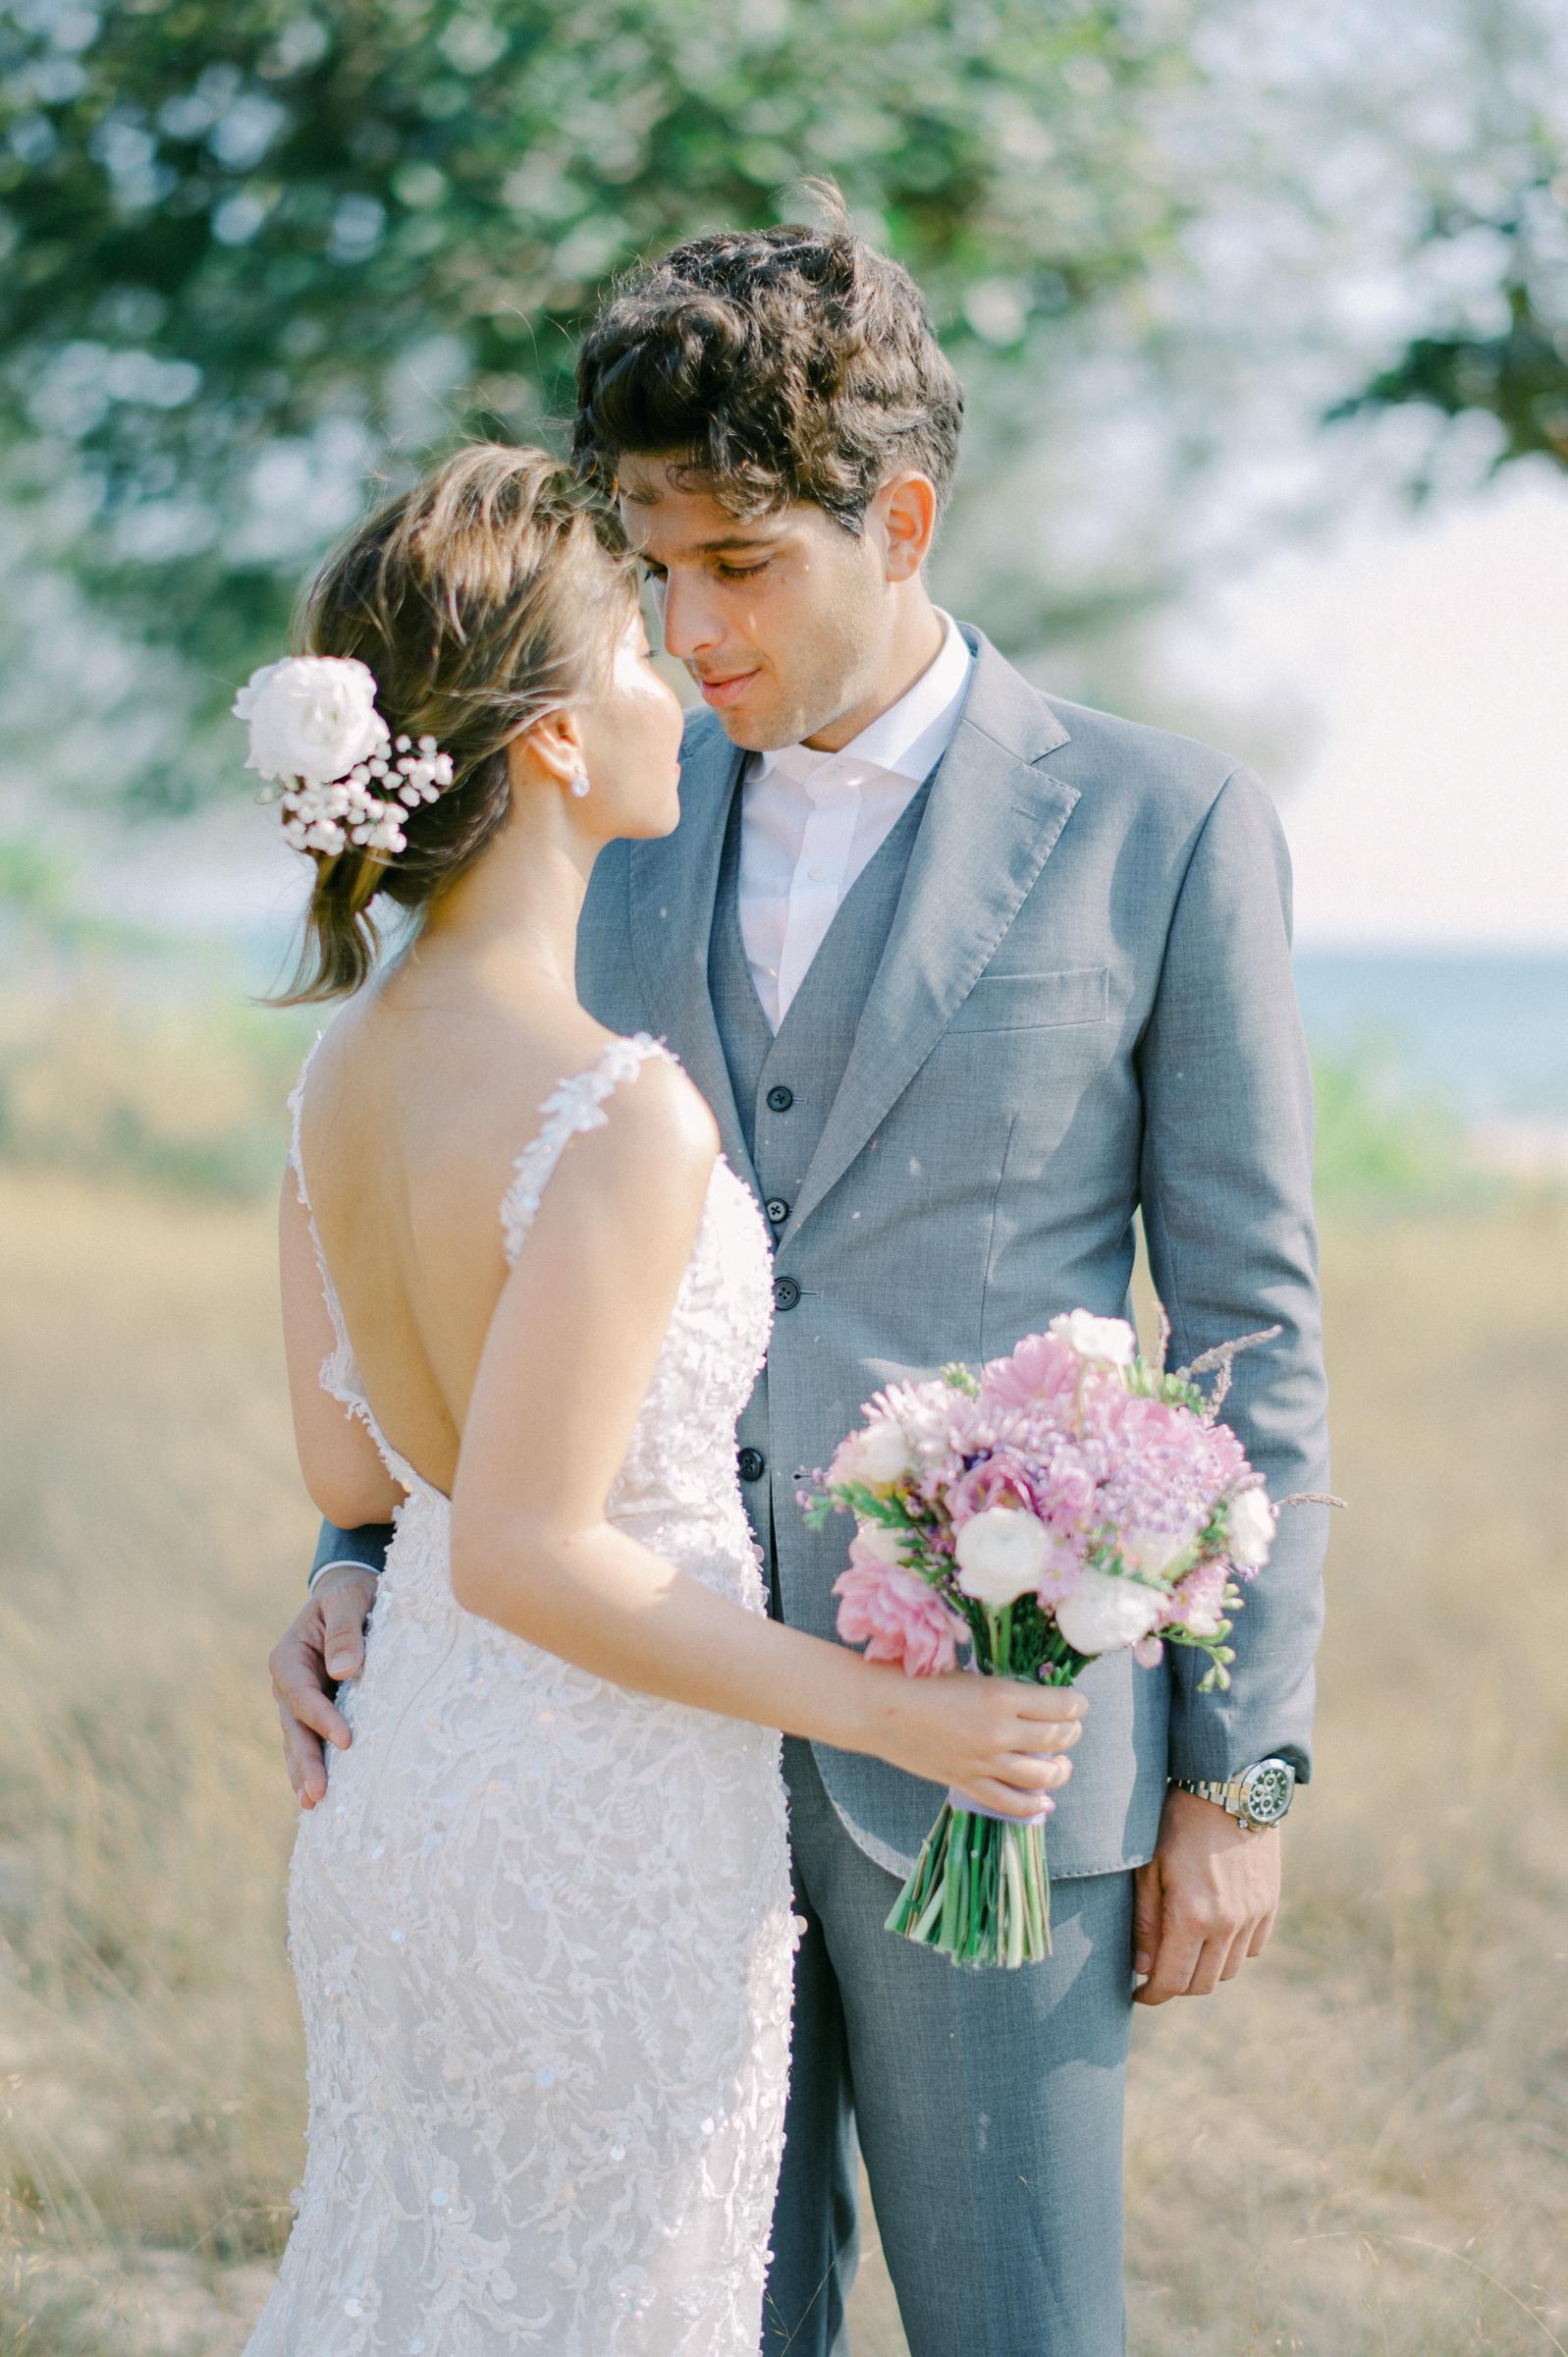 Wedding Planners in Vietnam